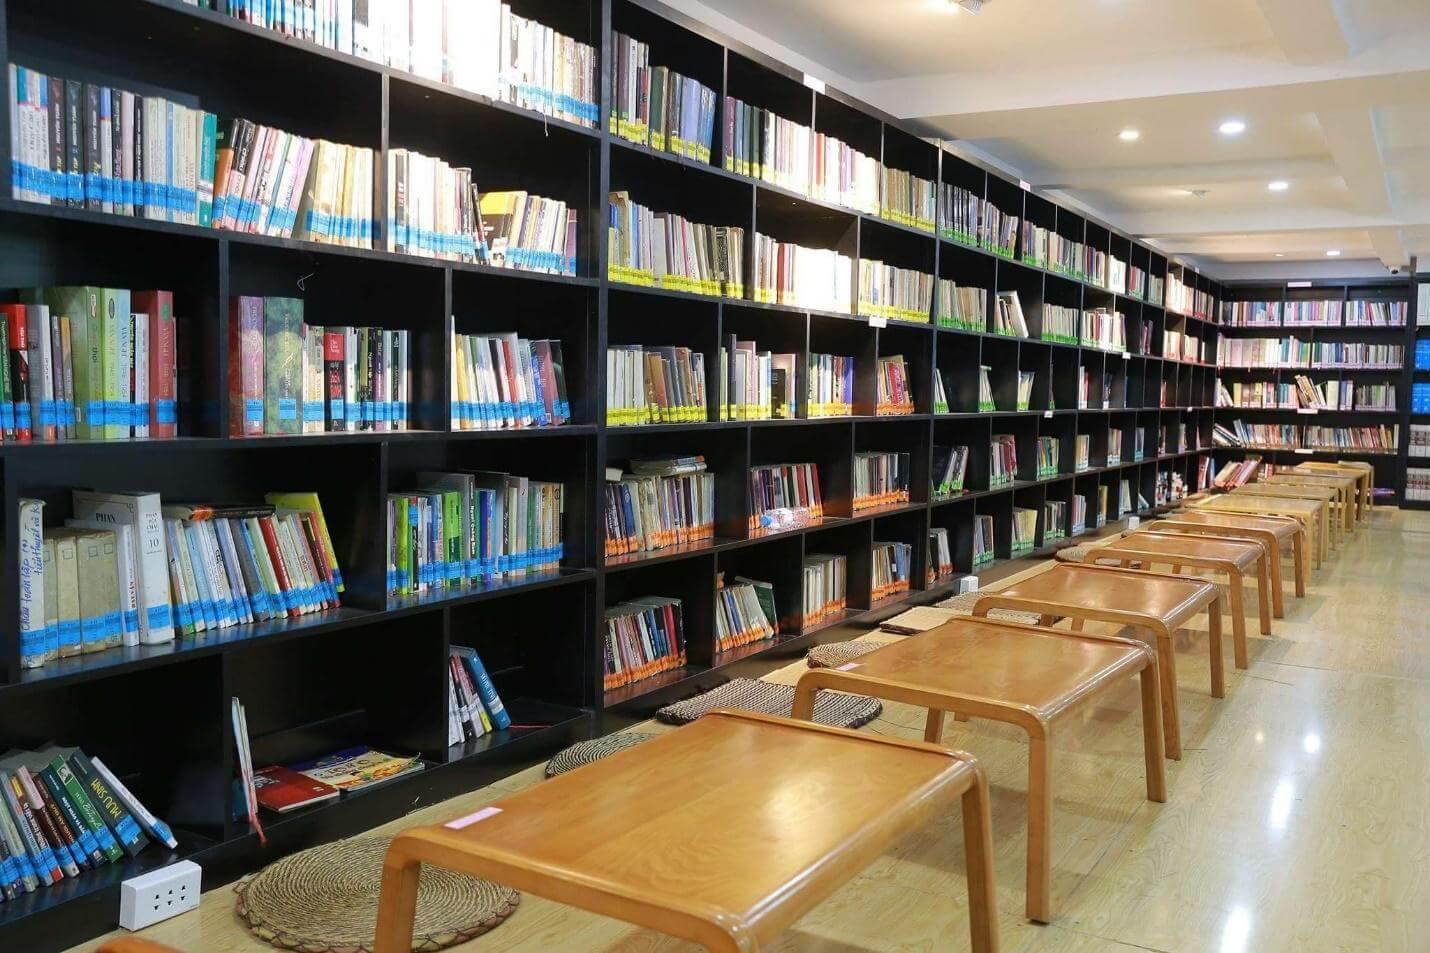 Địa chỉ cà phê sách Sài Gòn đáng tin cậy mà bạn nên biết